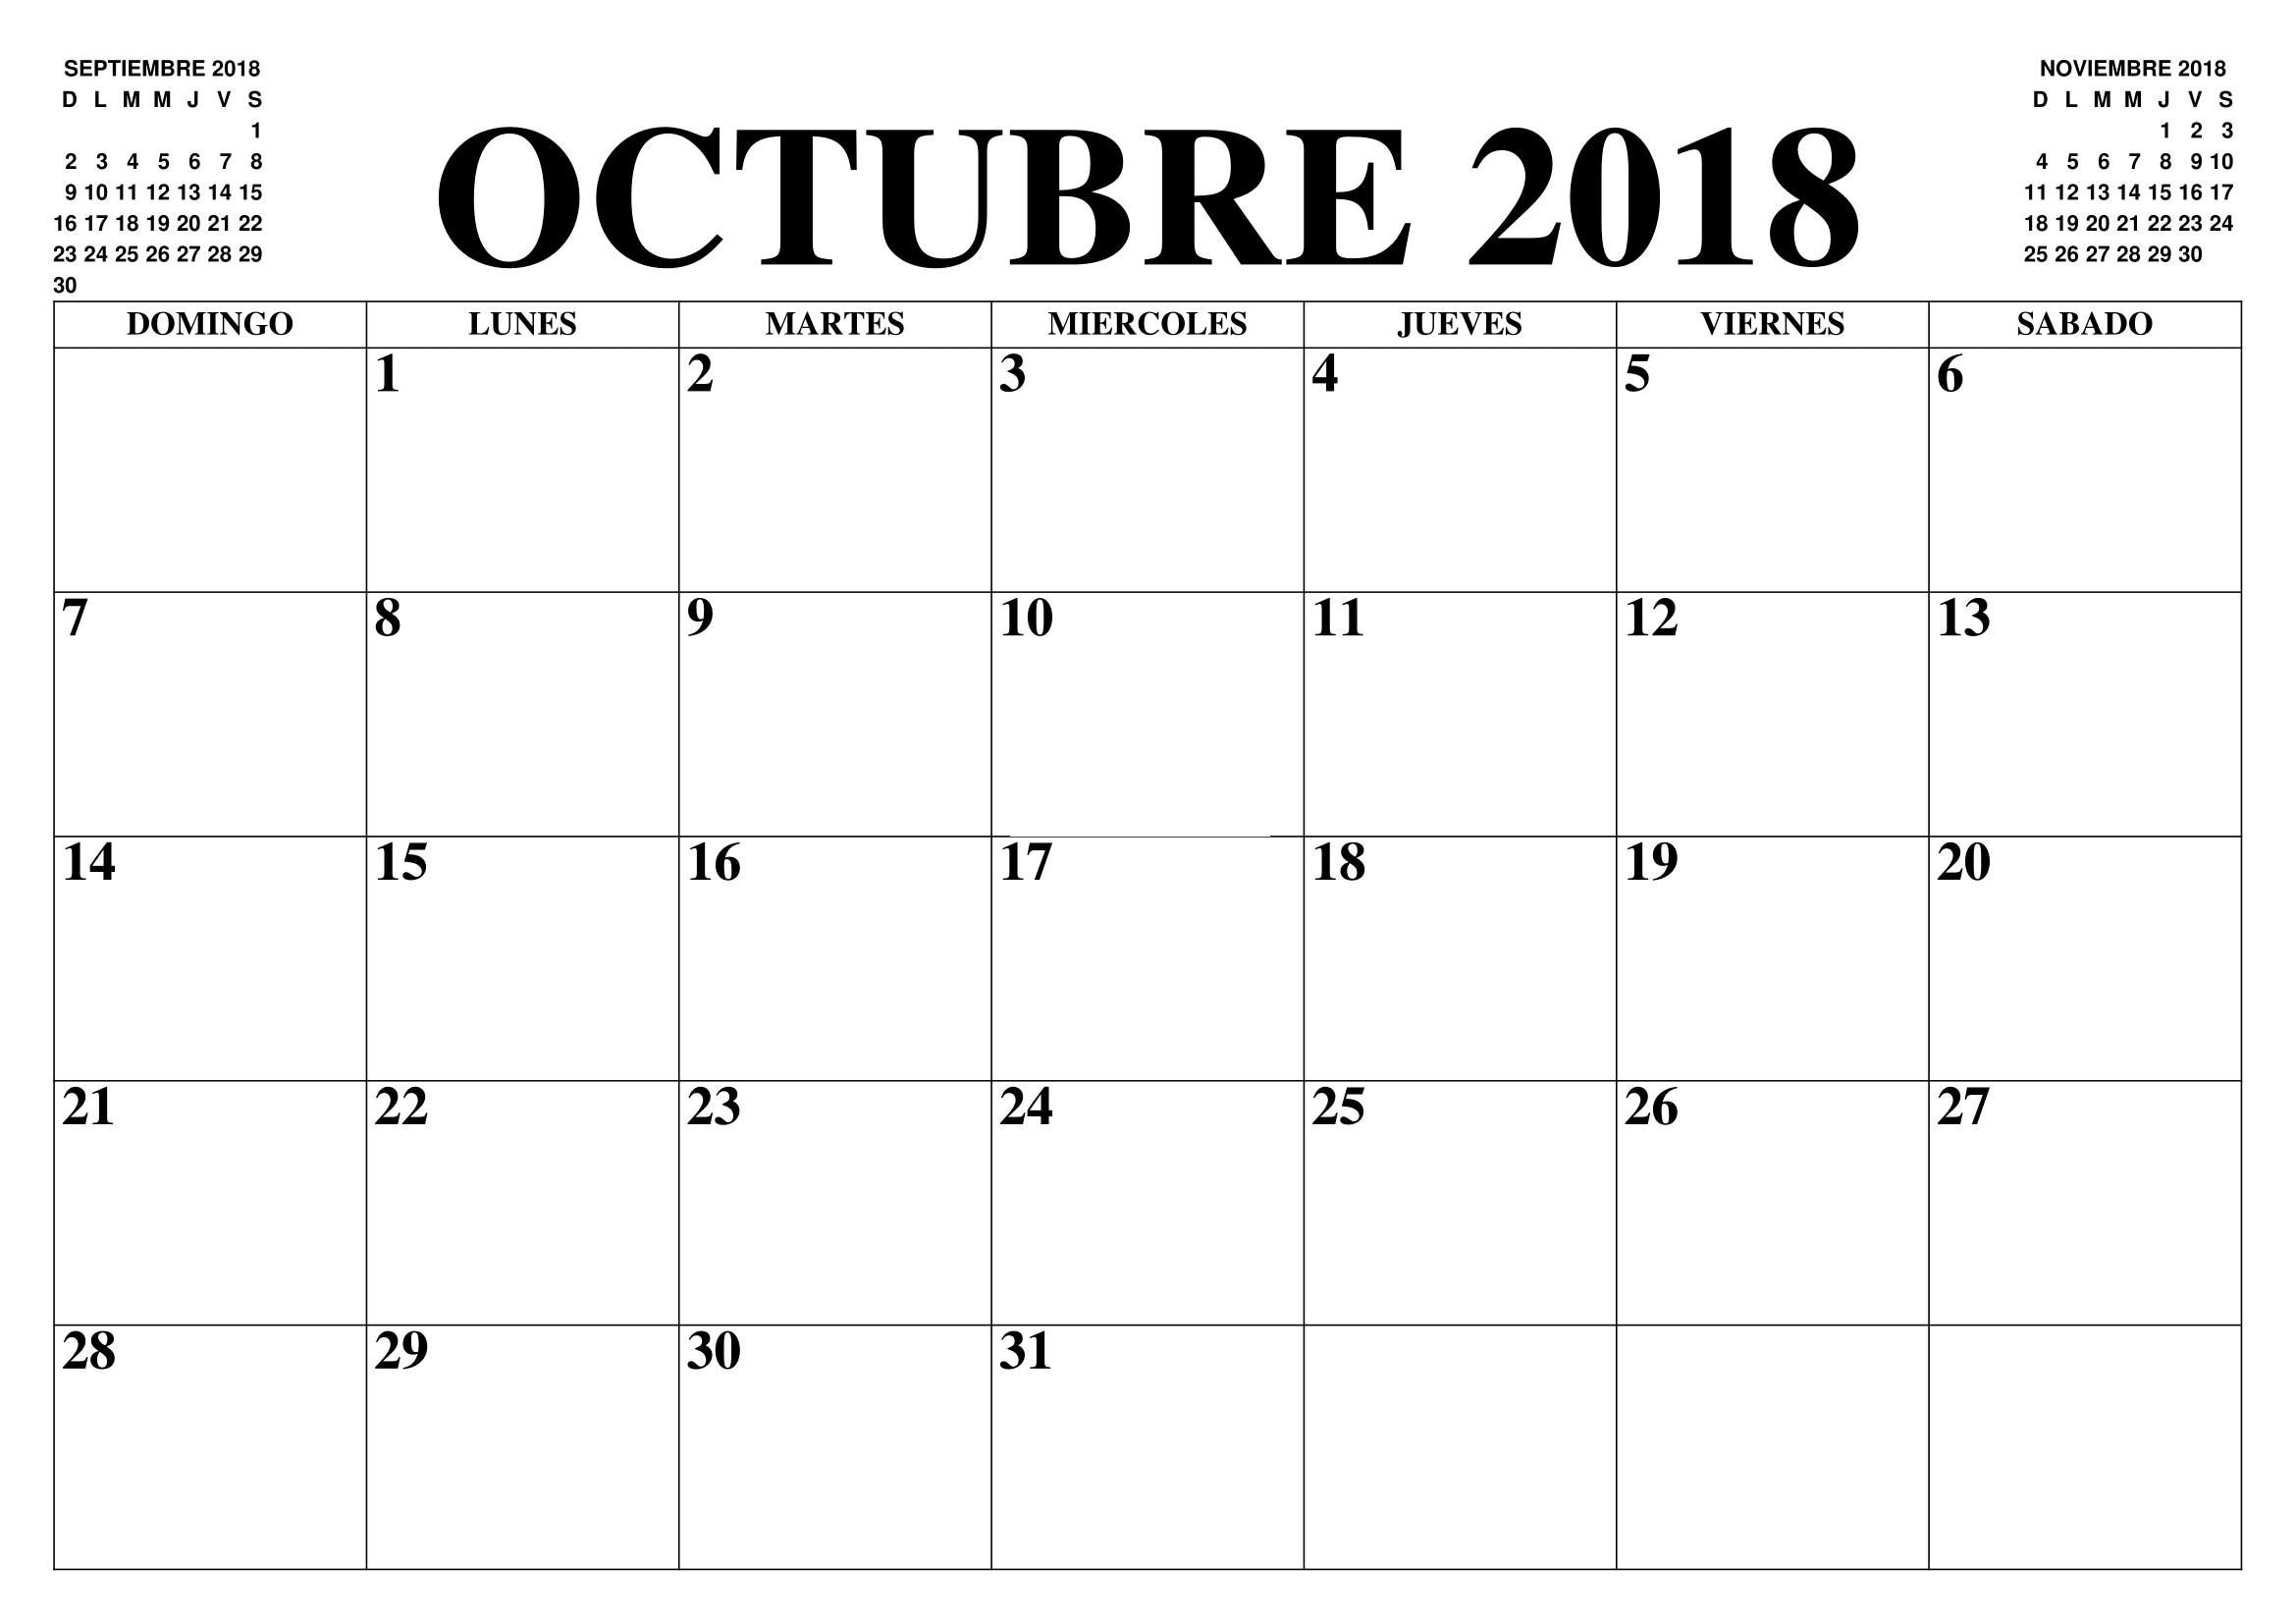 Calendario Imprimir 2019 Agosto Más Recientemente Liberado Best Calendario Mes De Octubre Y Noviembre 2018 Image Collection Of Calendario Imprimir 2019 Agosto Más Arriba-a-fecha 2018 April Blank Calendar Printable 2018 Calendars